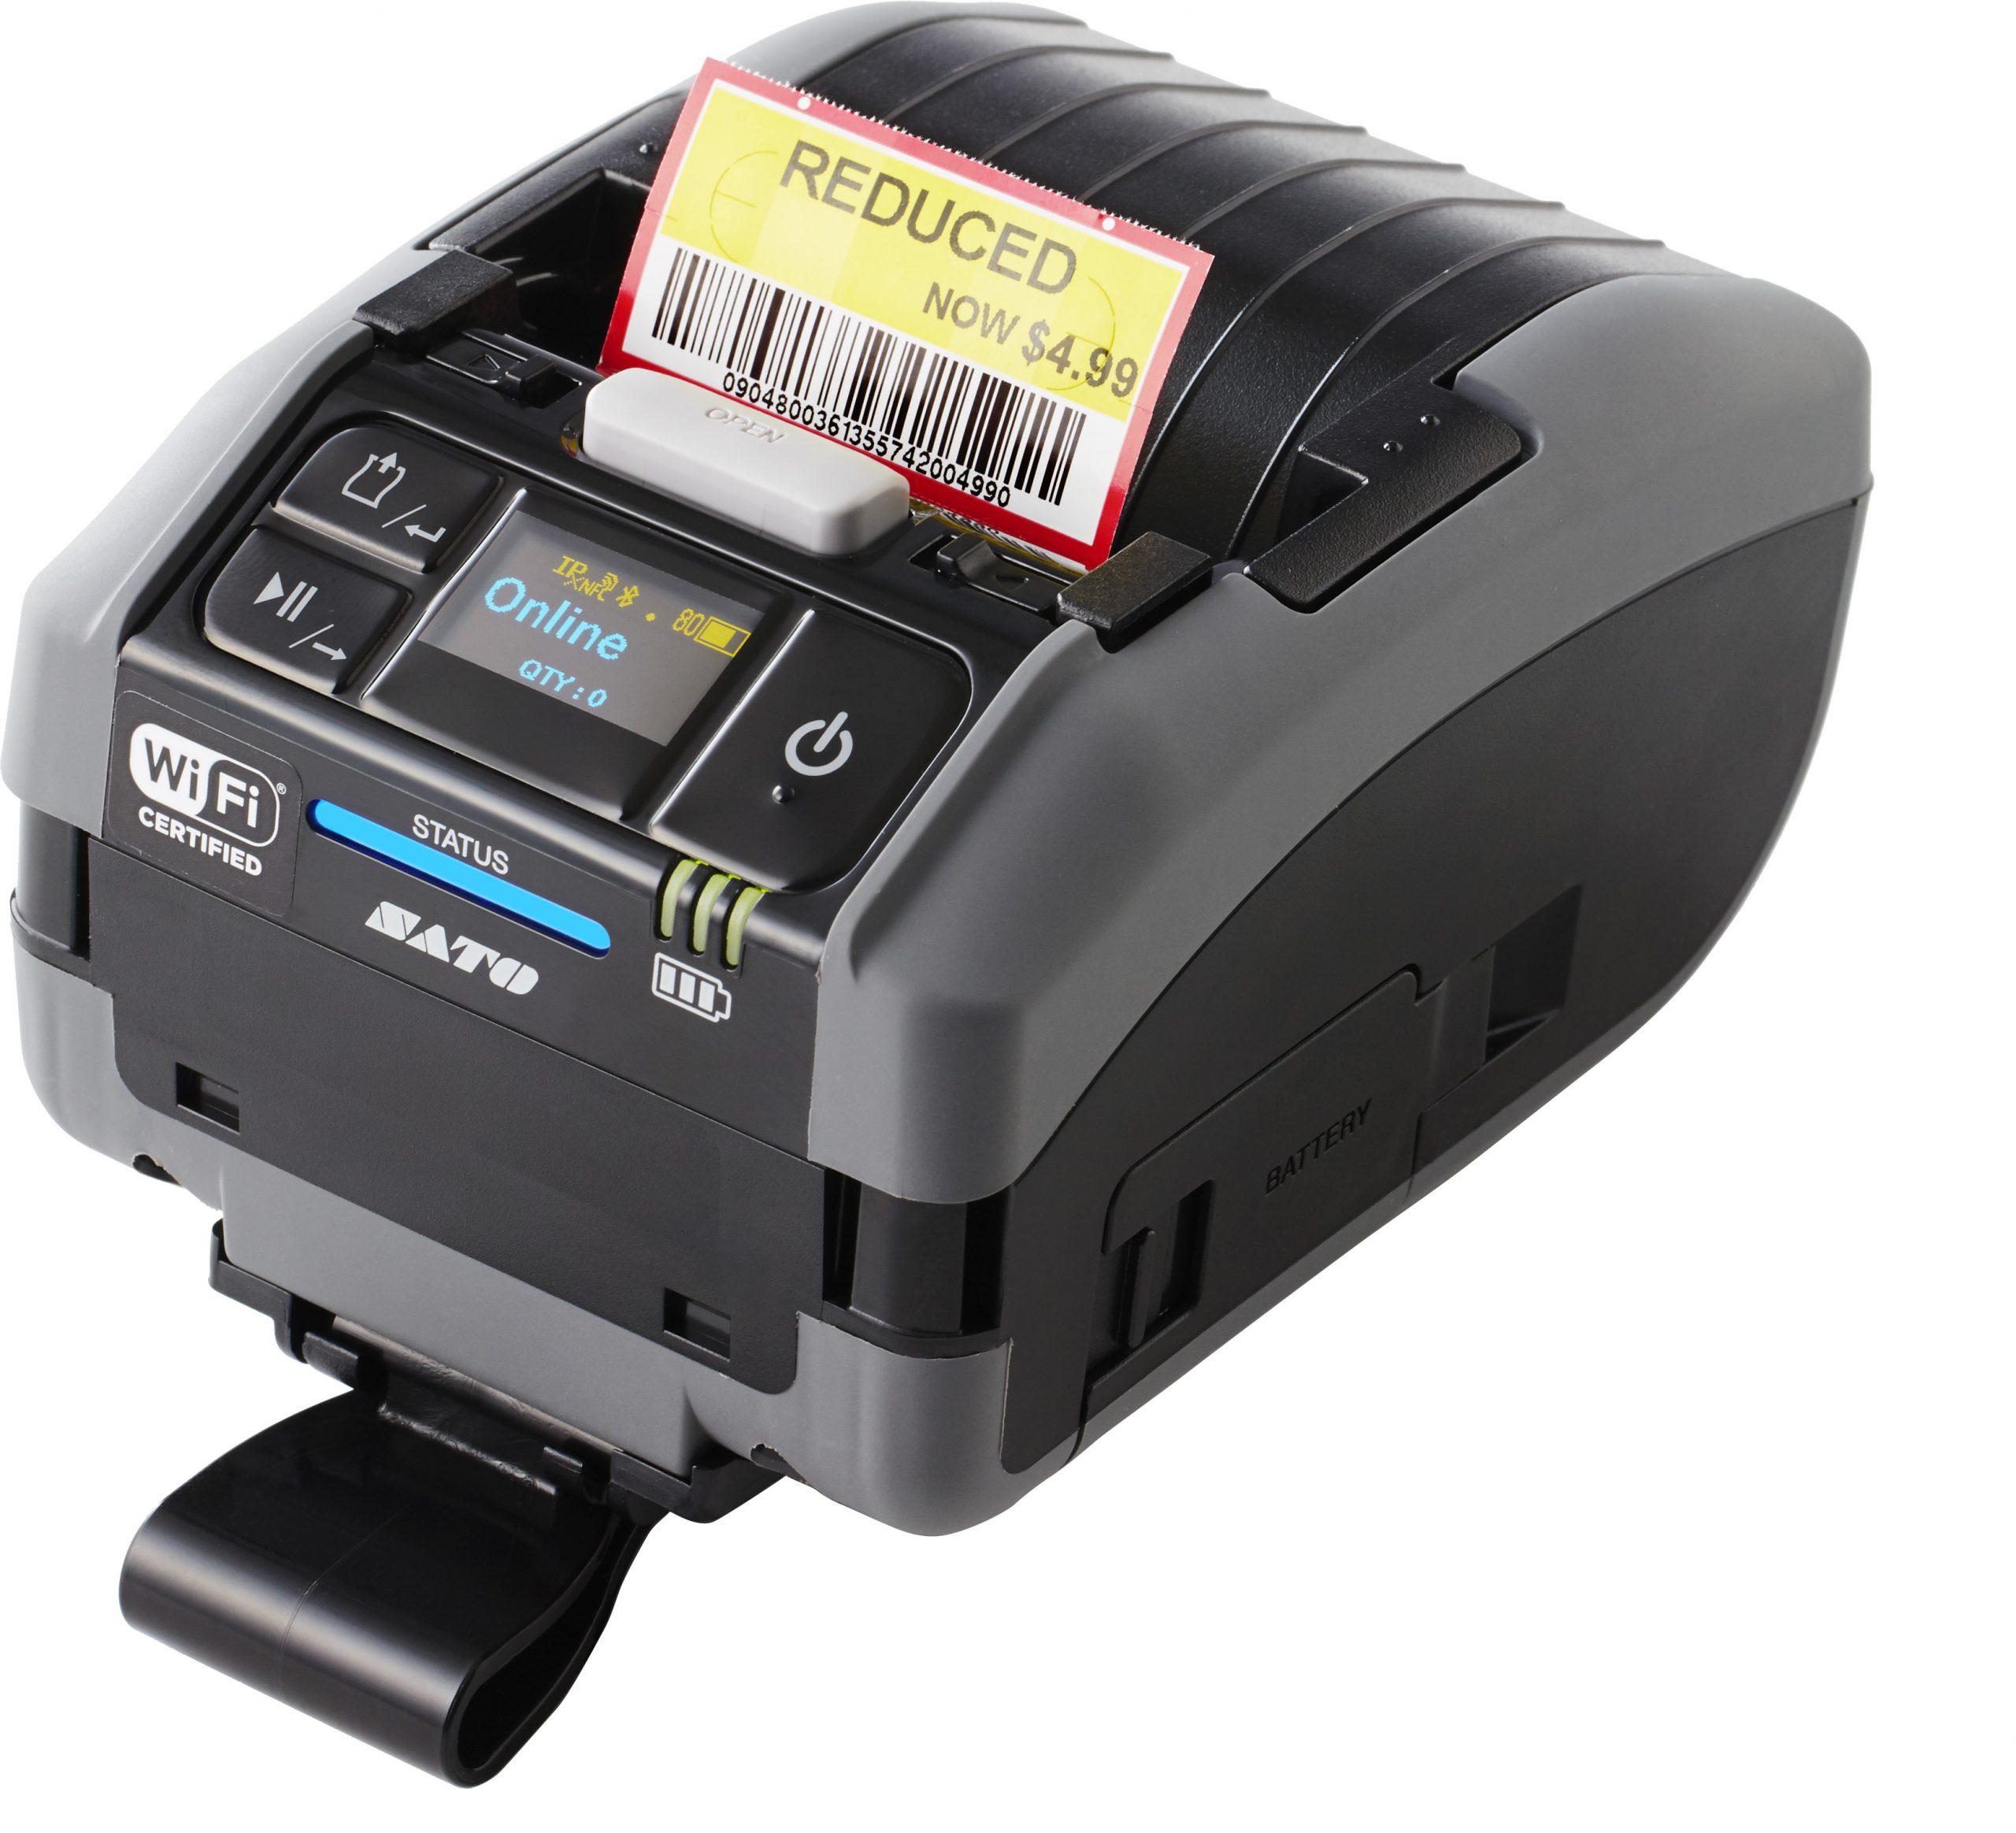 SATO PW2NX Mobile Label Printer